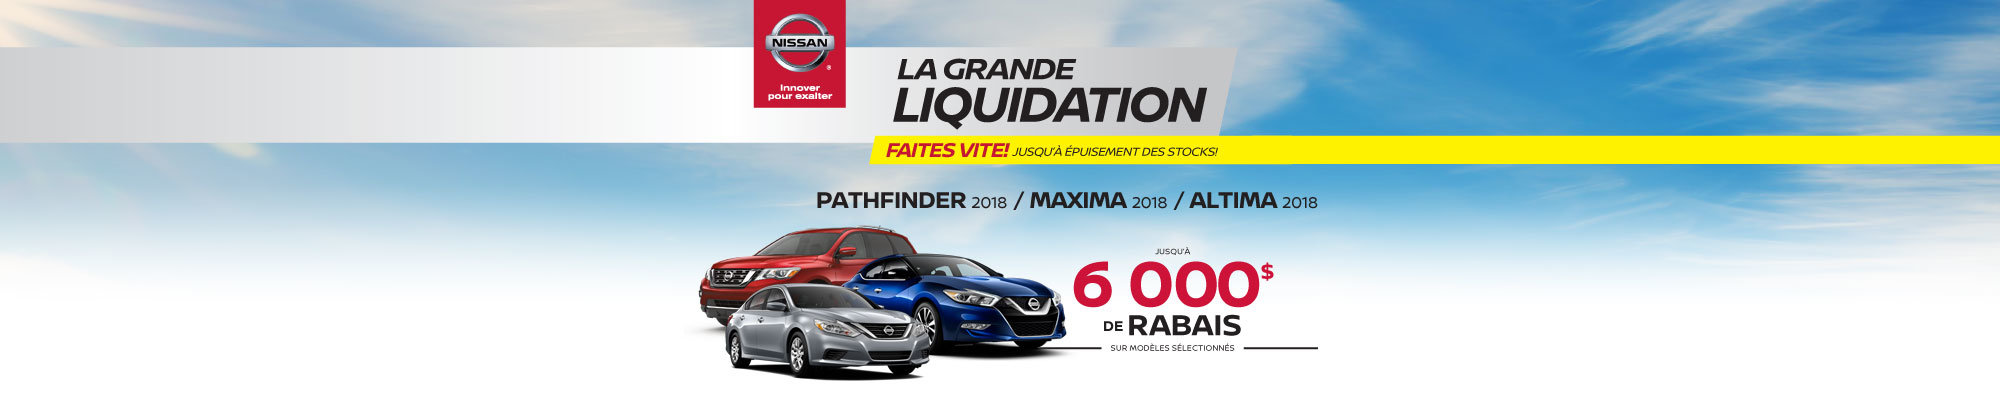 Pathfinder 2018 / Maxima 2018 / Altima 2018